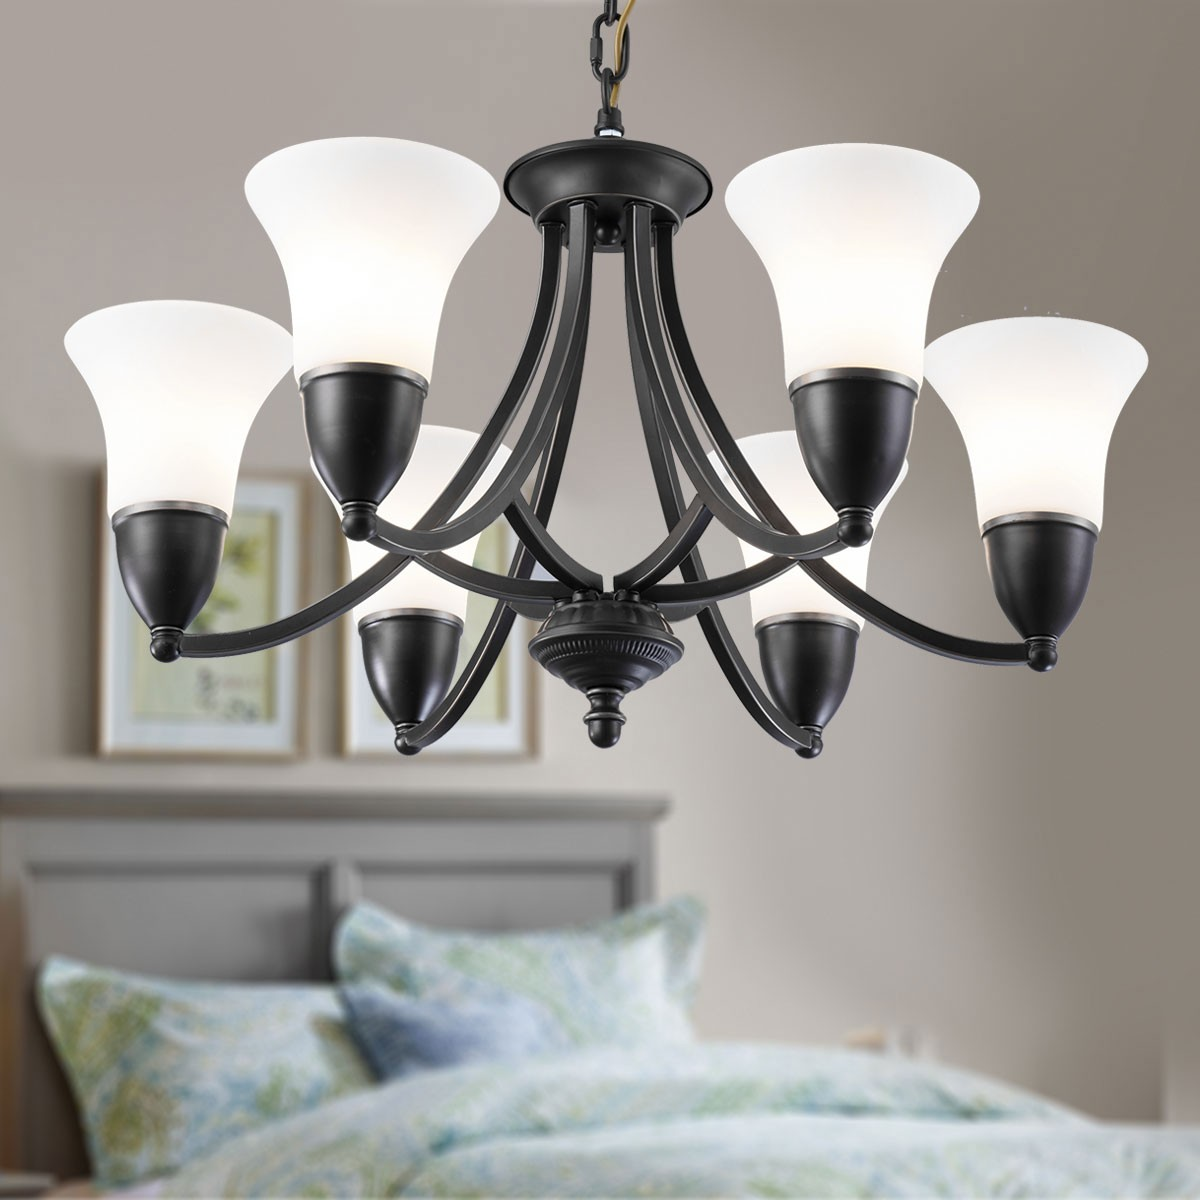 lustre en fer forg avec abat jour en verre 6 ampoules noir dk 8037 6 decoraport canada. Black Bedroom Furniture Sets. Home Design Ideas